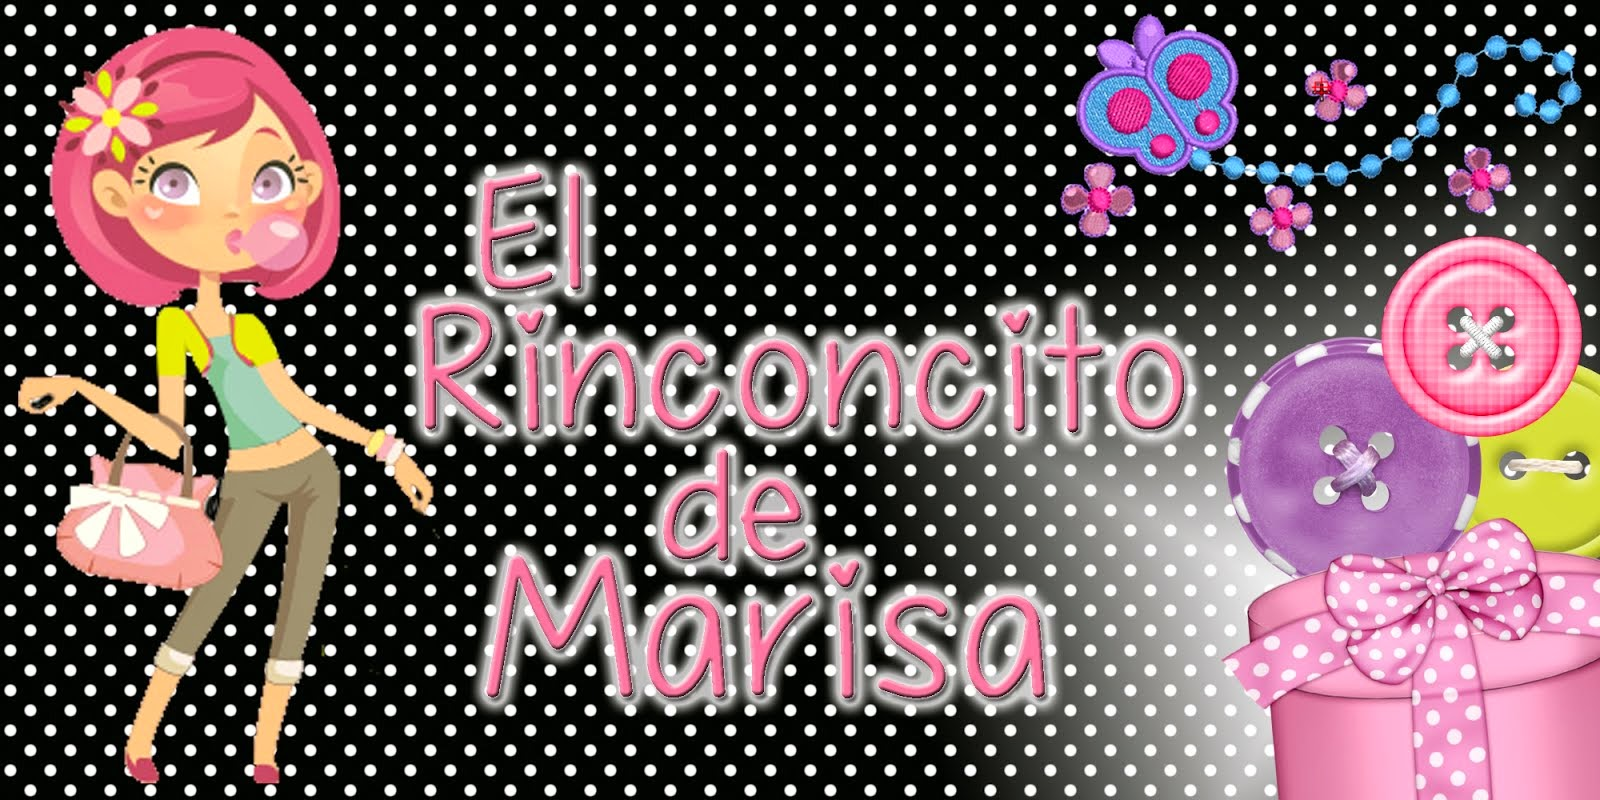 El rinconcito de Marisa